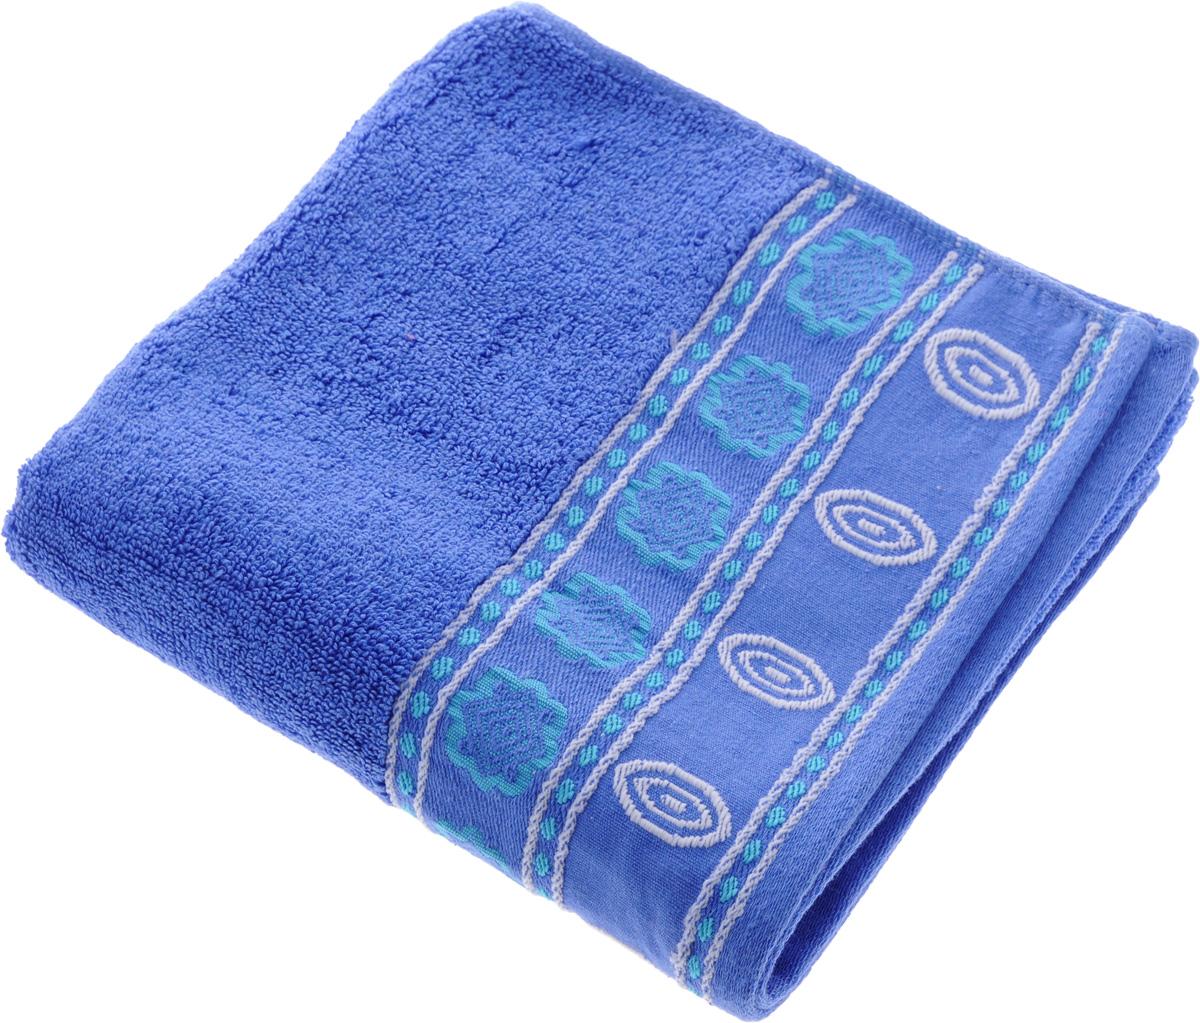 Полотенце Soavita Bruno, цвет: ярко-синий, 50 х 90 смPANTERA SPX-2RSПолотенце Soavita Bruno выполнено из 100% хлопка. Изделие отлично впитывает влагу, быстро сохнет, сохраняет яркость цвета и не теряет форму даже после многократных стирок. Полотенце очень практично и неприхотливо в уходе. Оно создаст прекрасное настроение и украсит интерьер в ванной комнате.Рекомендуется стирка при температуре 40°C.